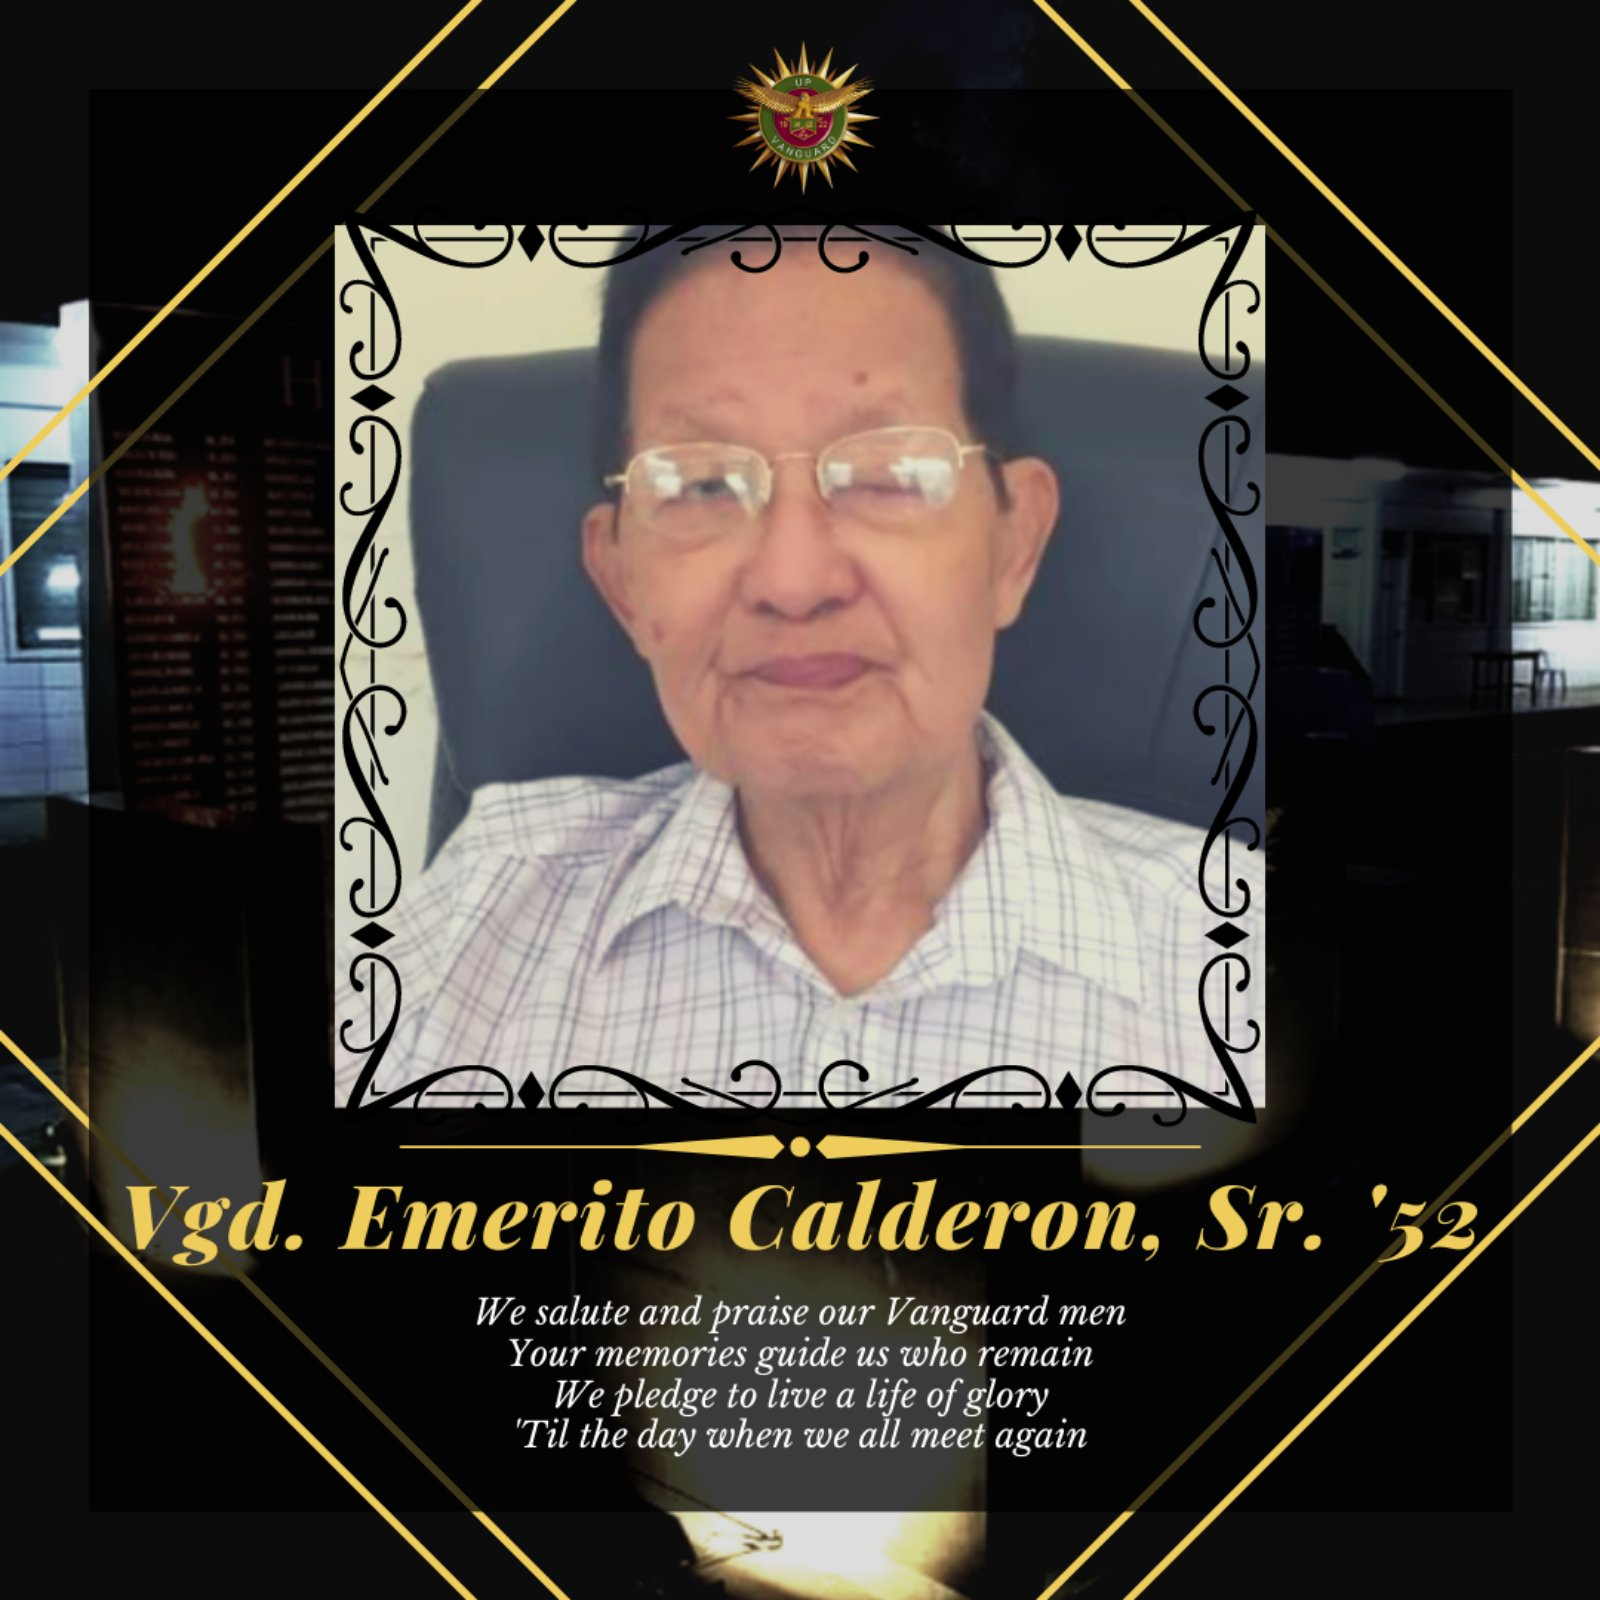 Vgd Emerito Calderon Sr 52